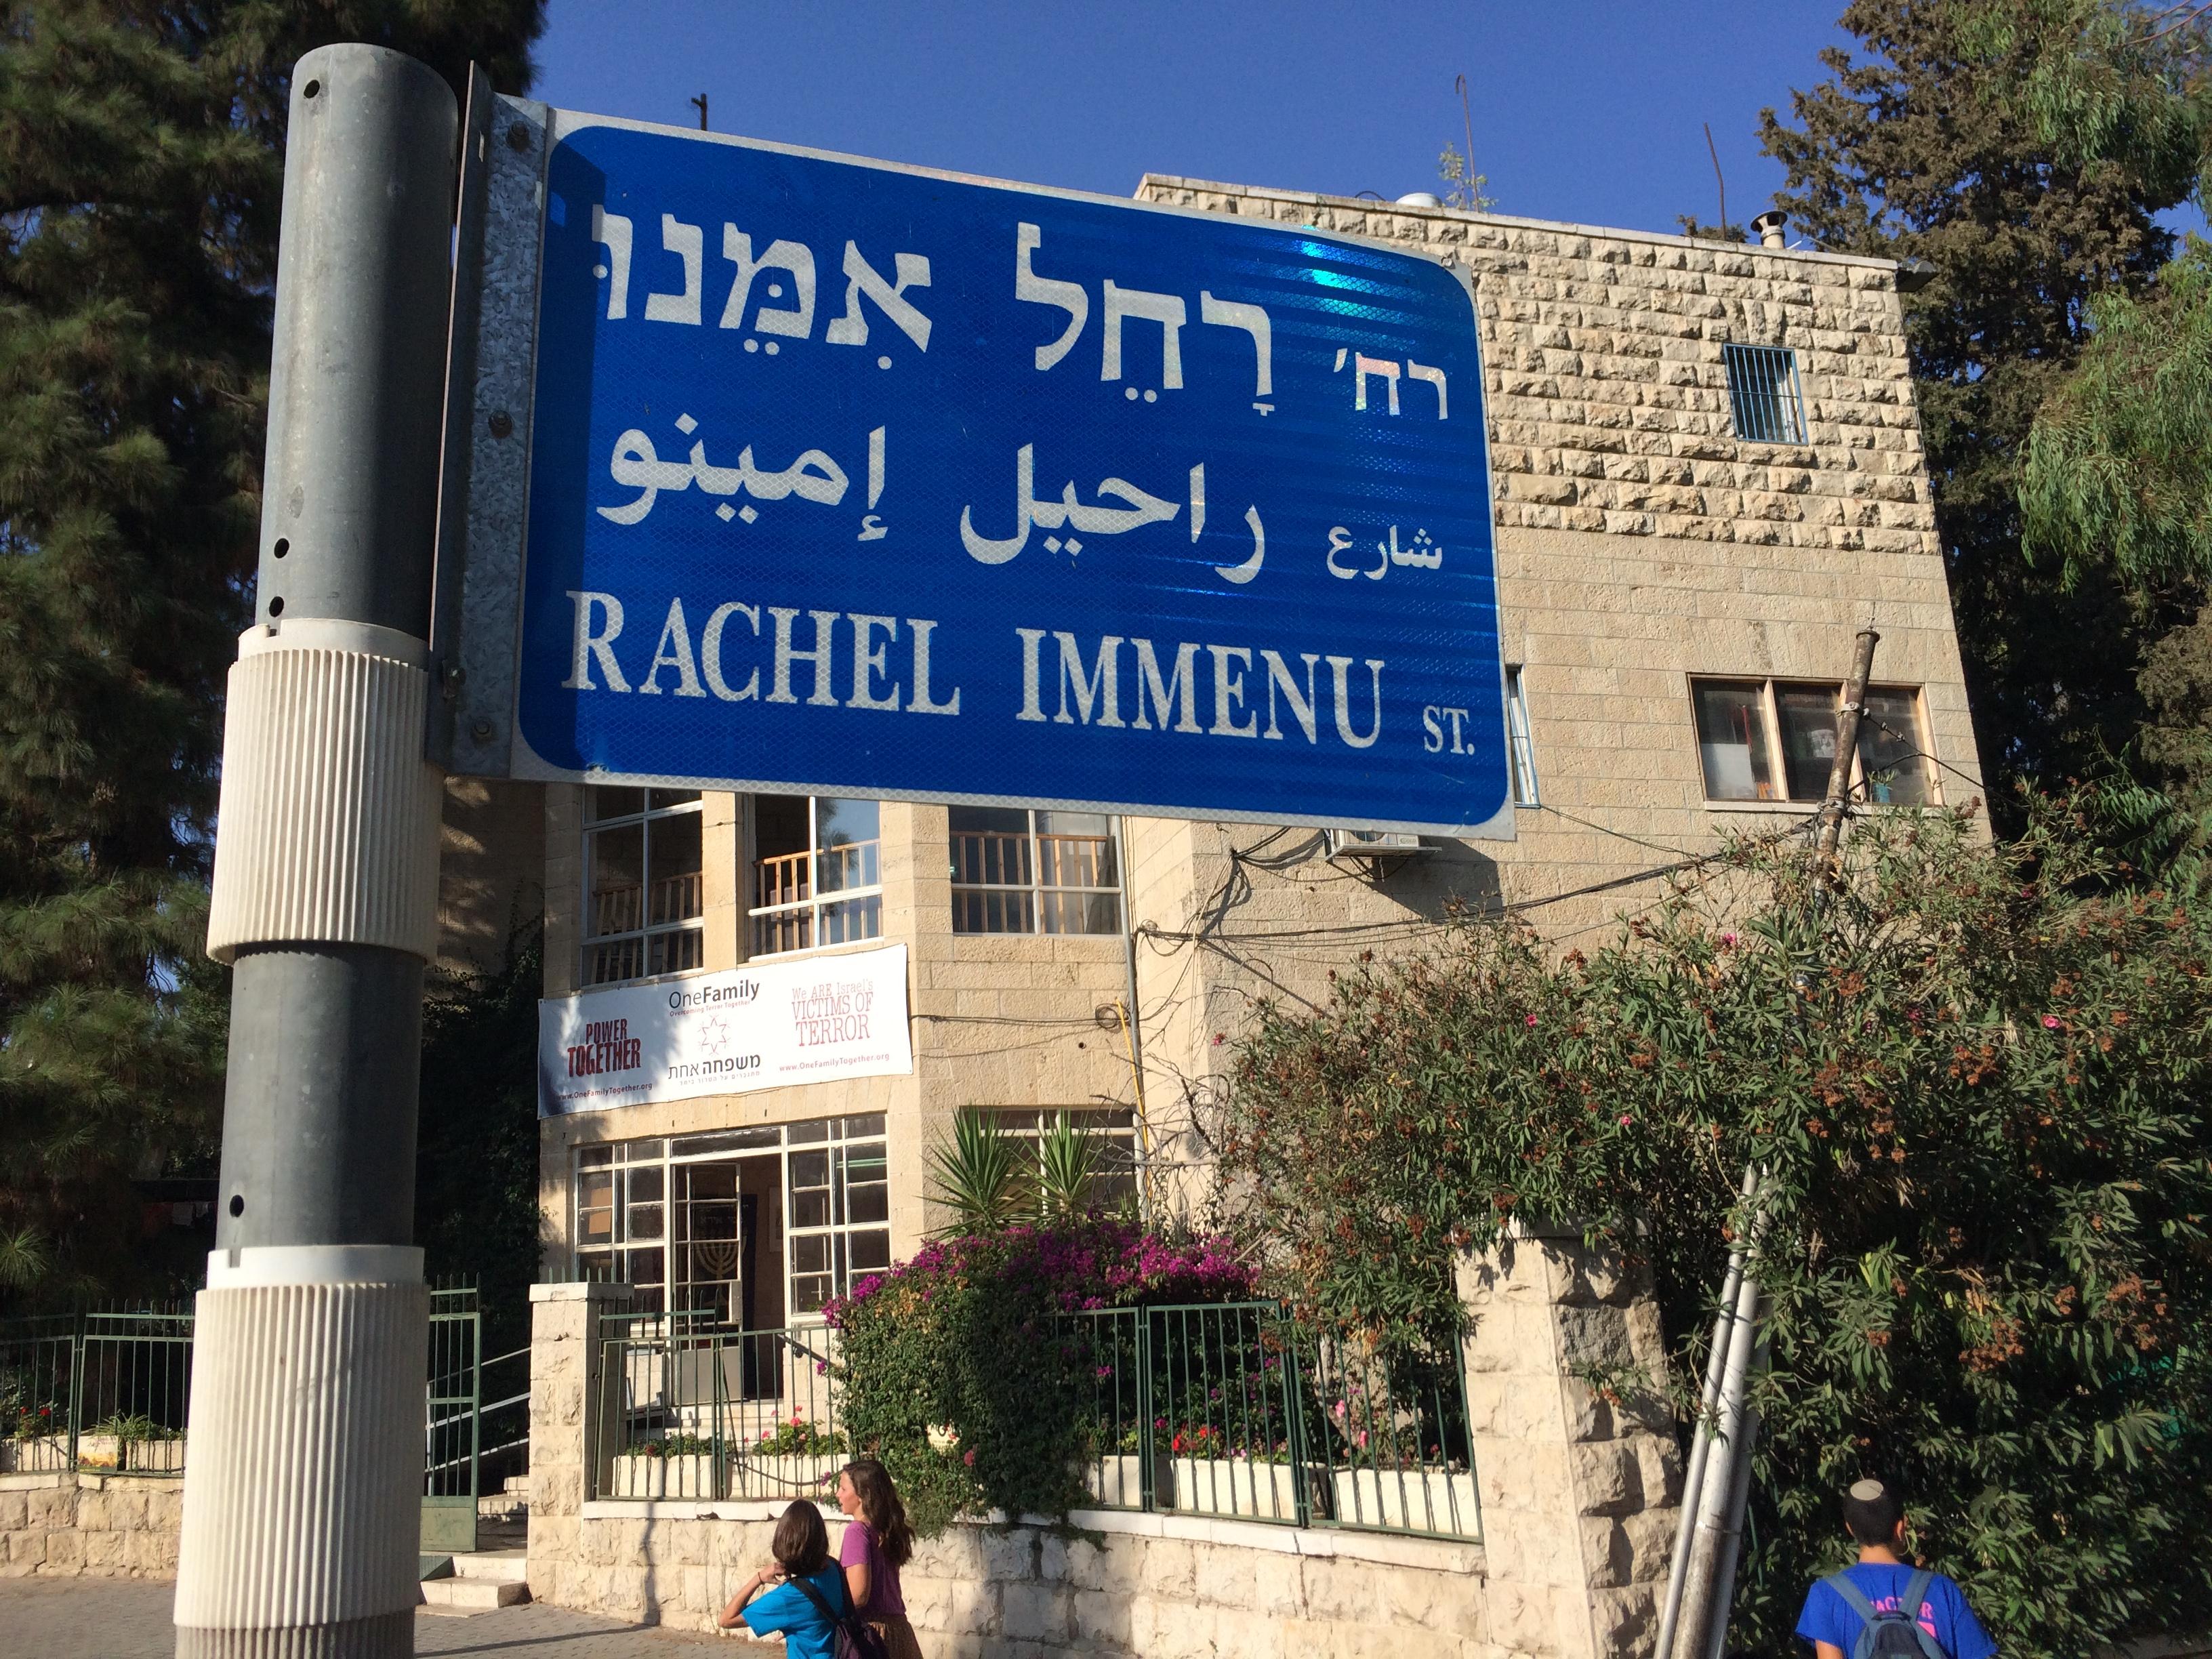 Jutzot Ierushalaim –  VI – Calles de Jerusalém: Rajel Imenu